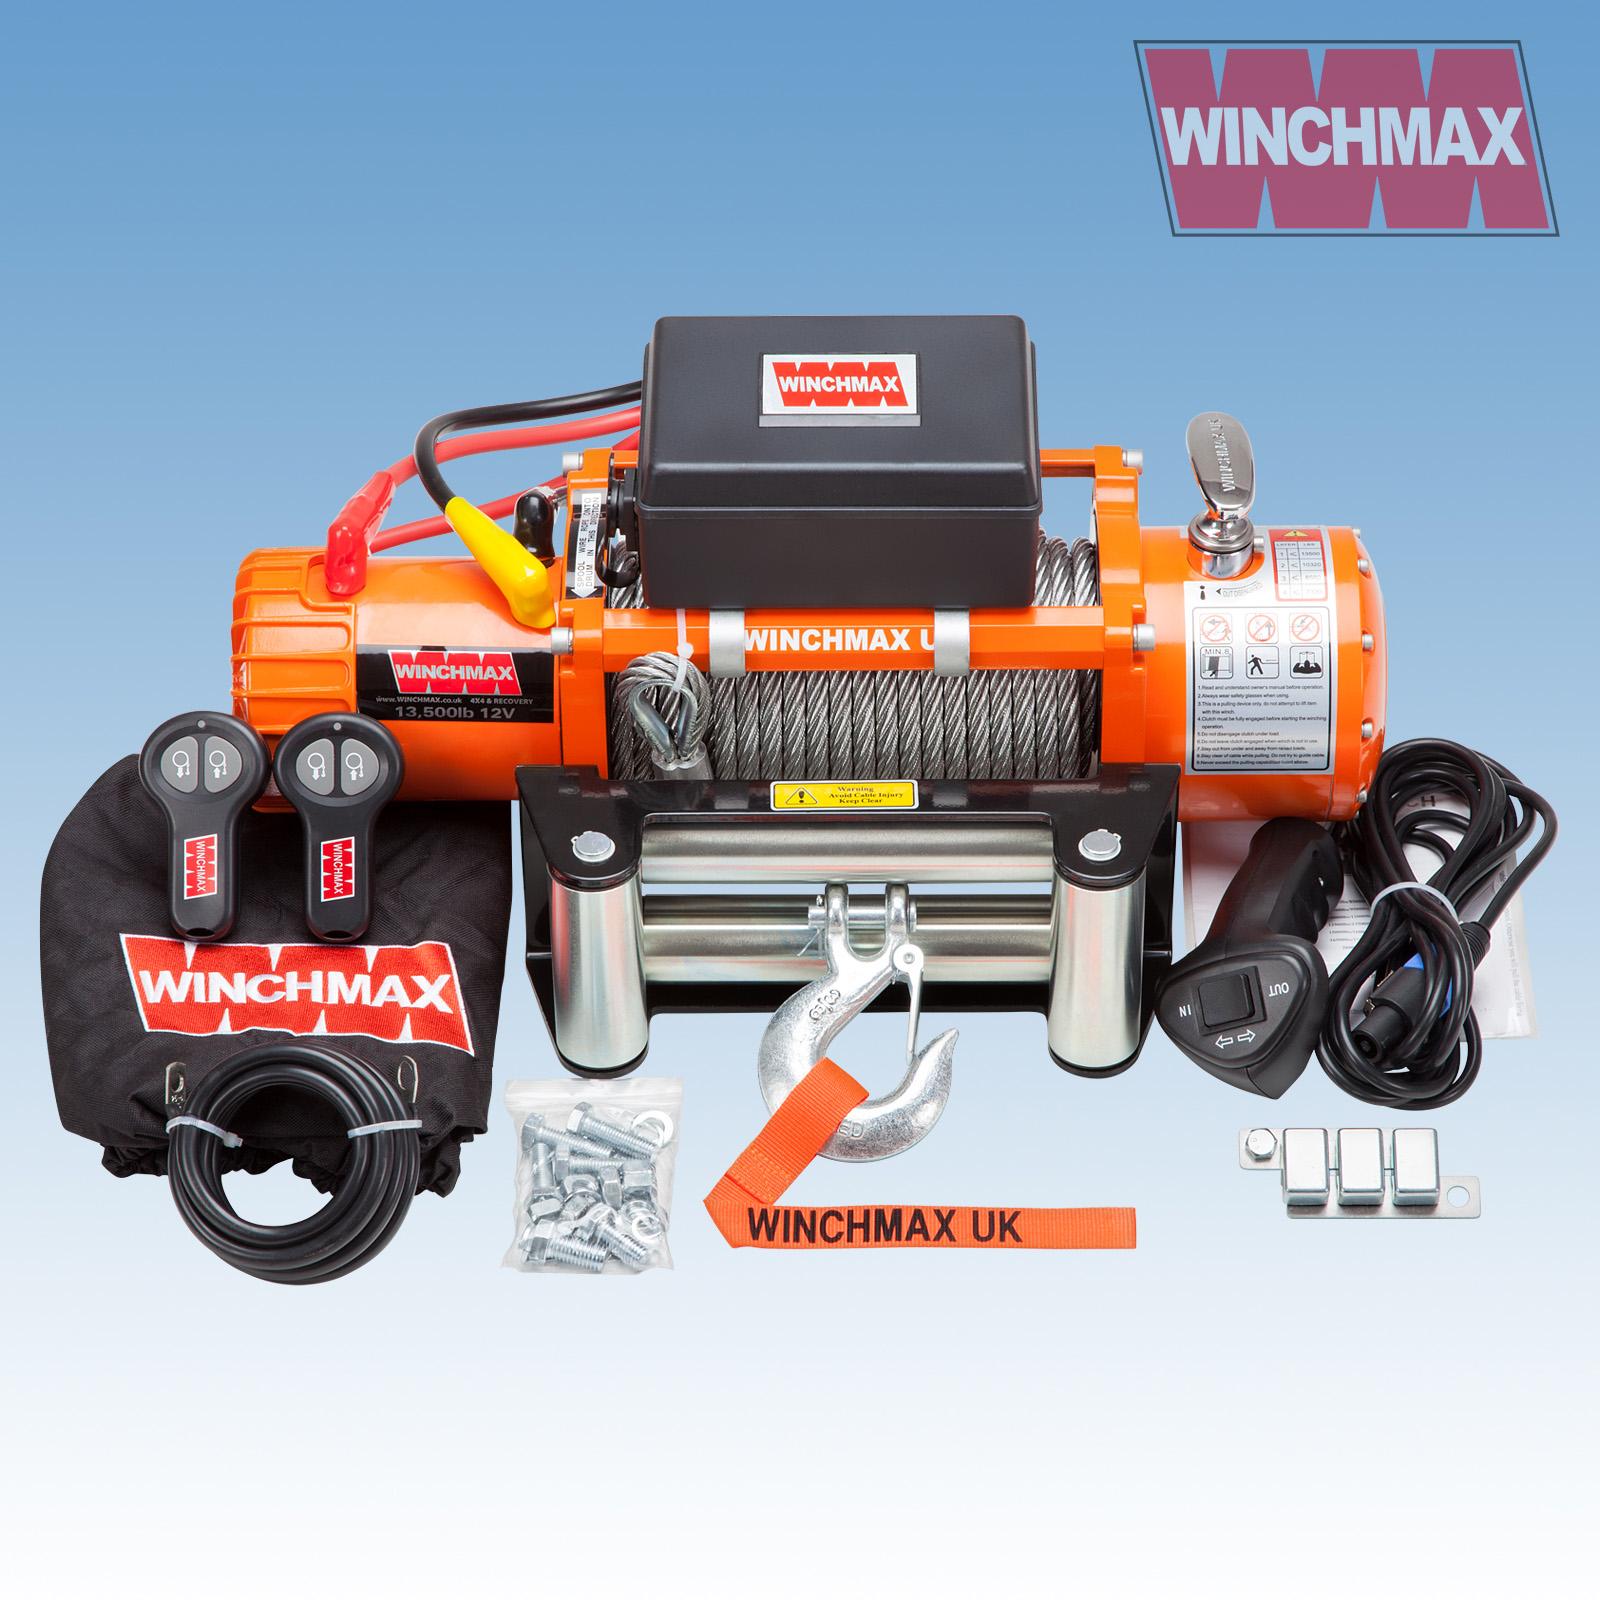 Wm1350012v winchmax 519